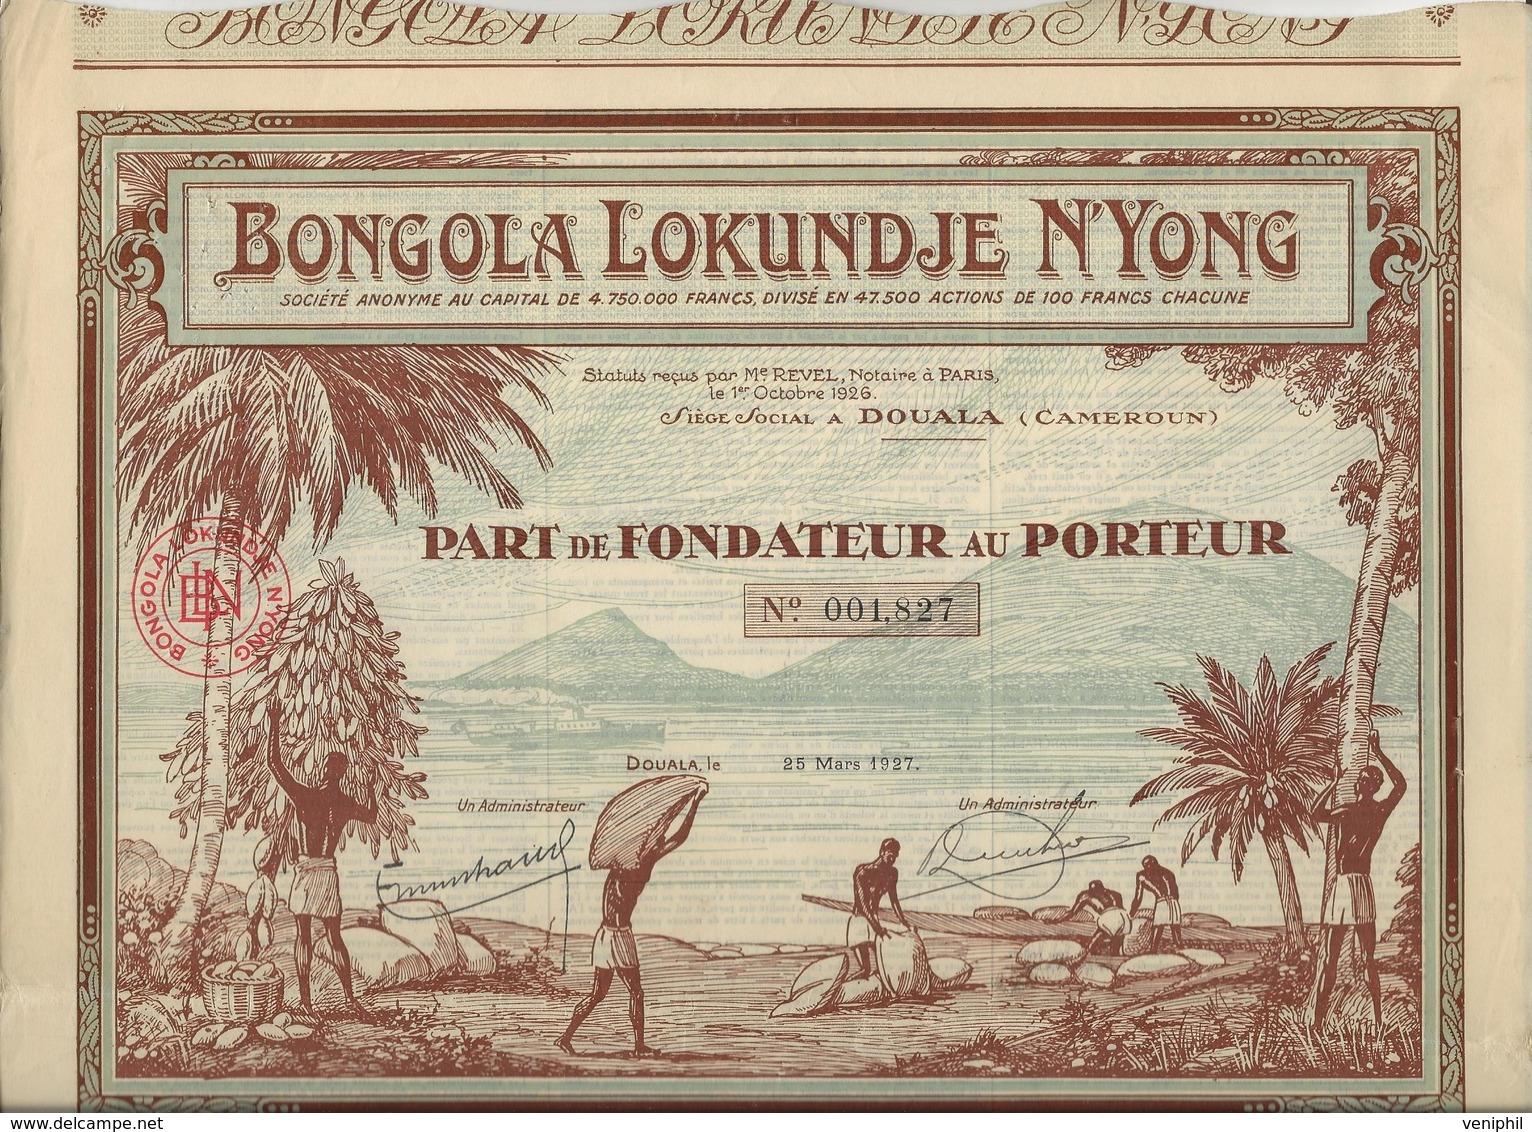 PART DE FONDATEUR ILLUSTREE - BONGOLA LOKUNDJE N'YONG -TTB - ANNEE 1927 - Banque & Assurance